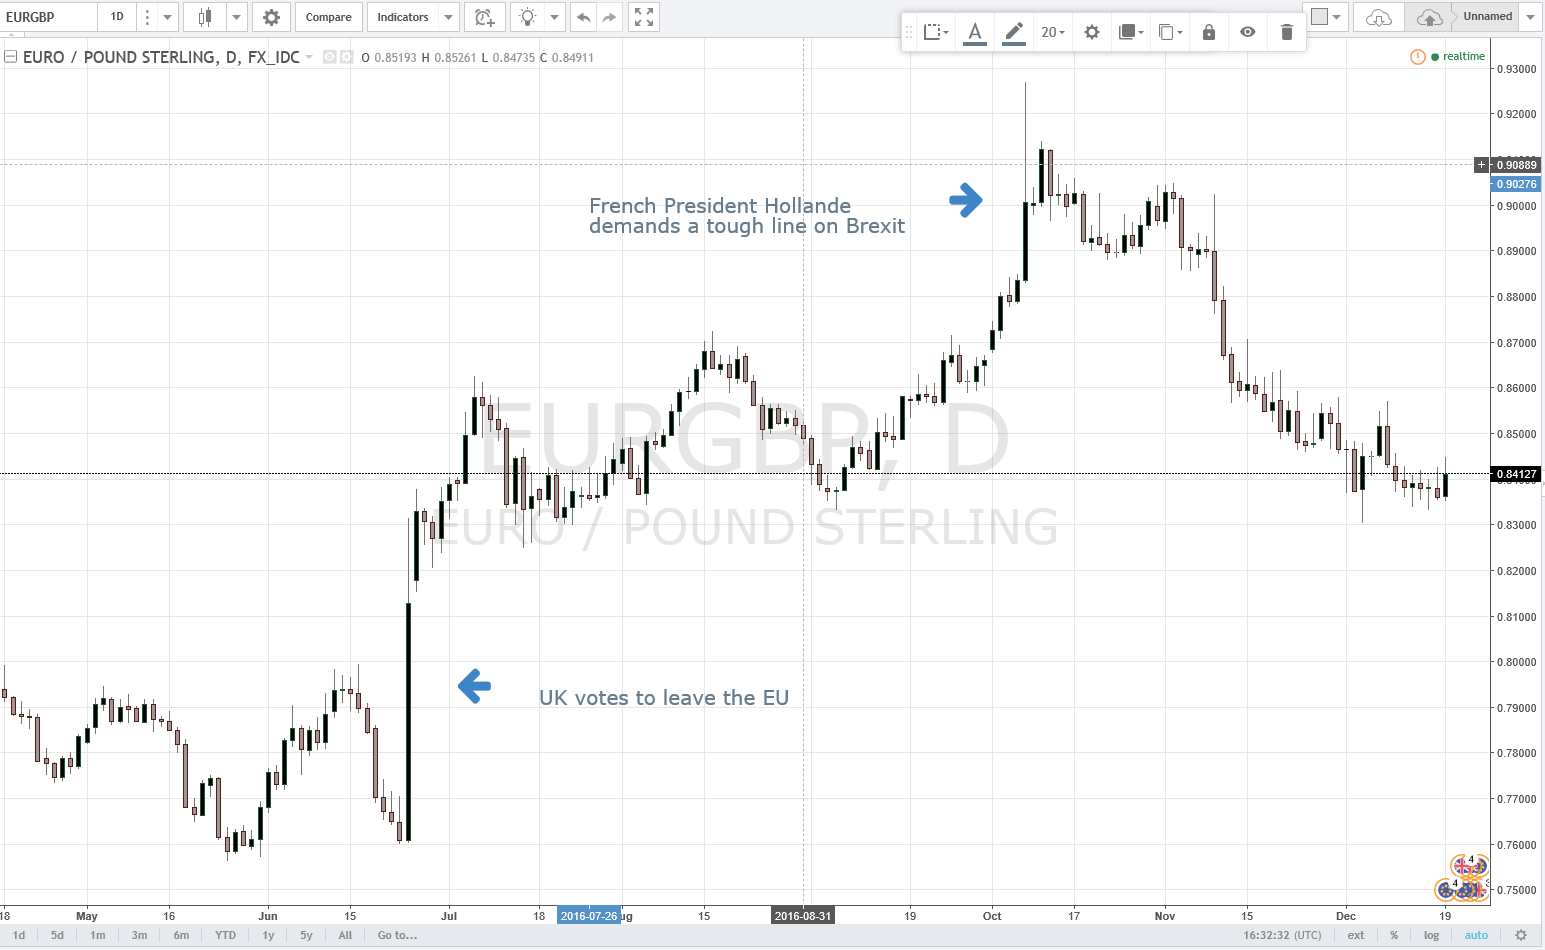 Se prevé una probable recuperación del GBP en contra del EUR en 2017